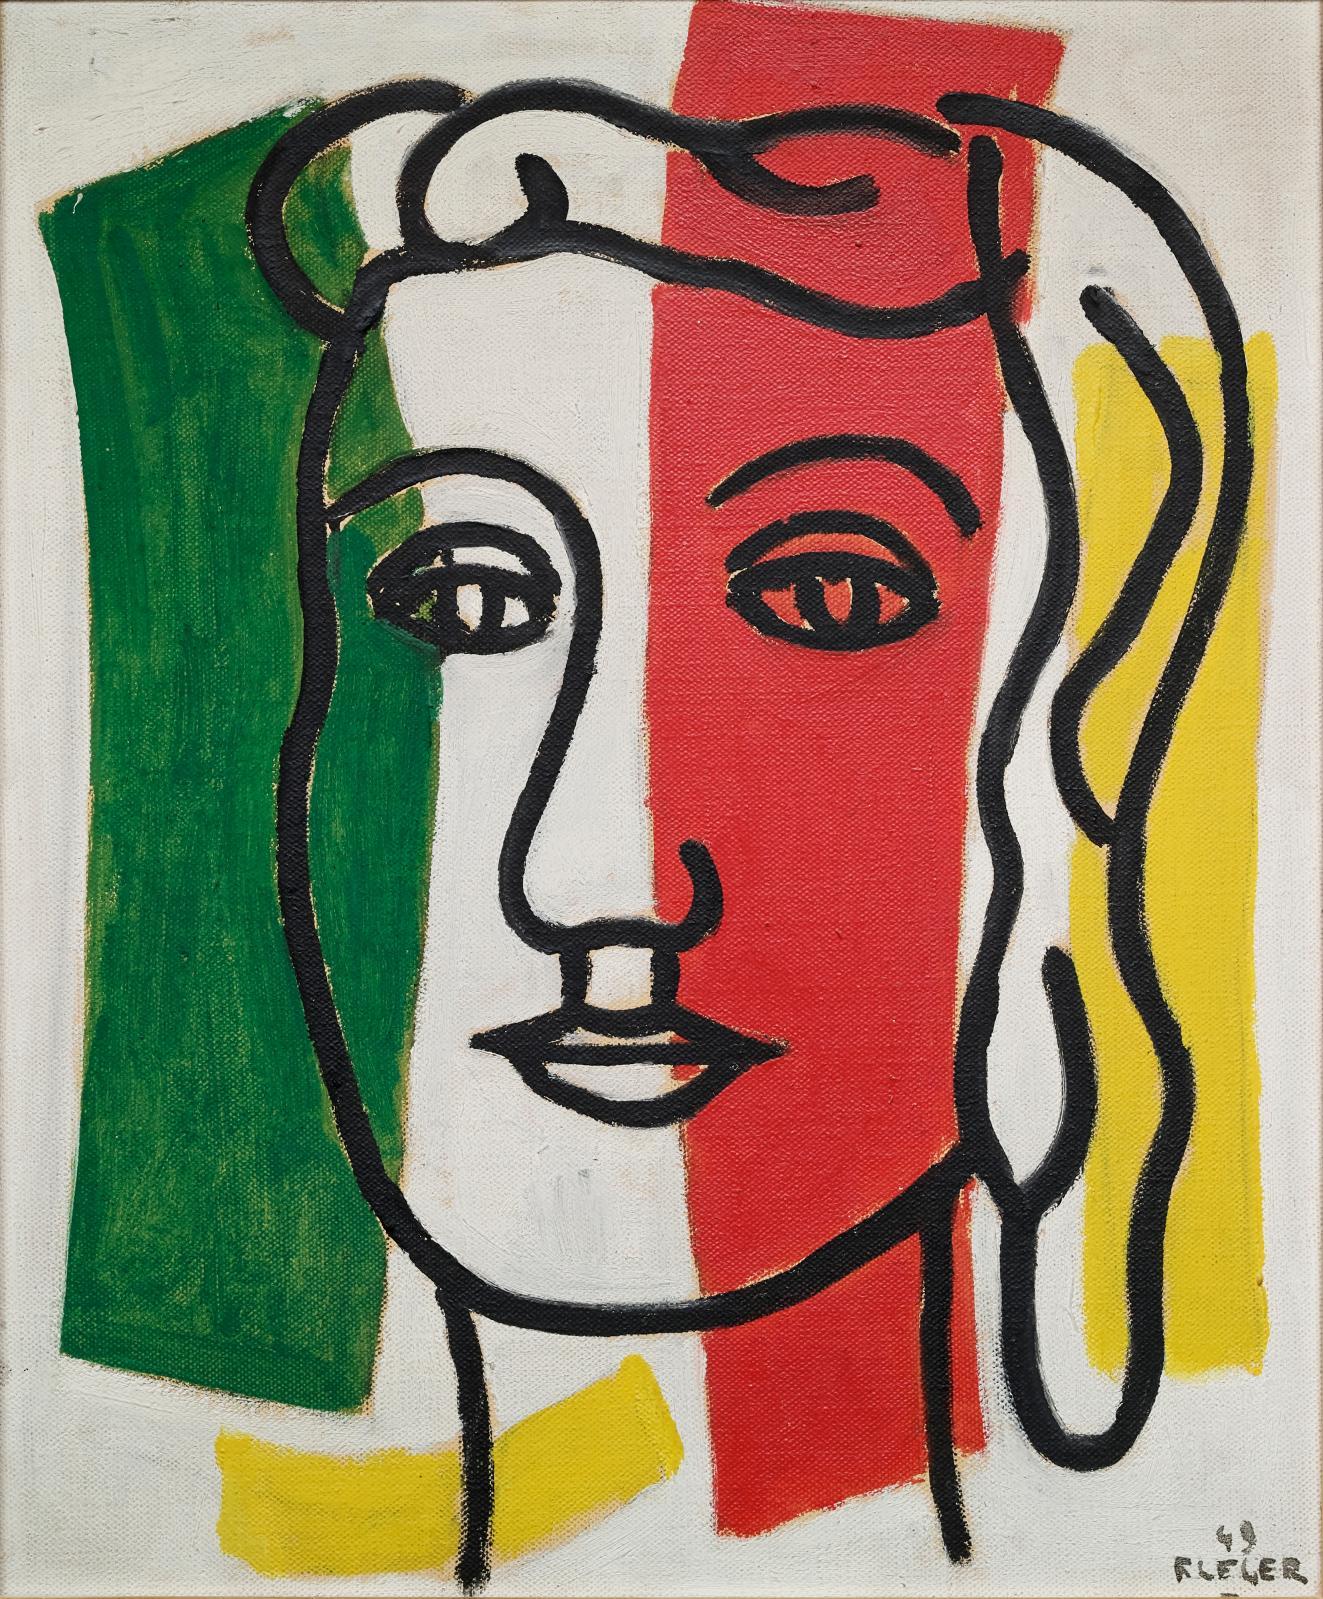 Fernand Léger (1881-1955), Portrait de Marguerite Lesbats (Portrait of Marguerite Lesbats), 1949, oil on canvas, 46 x 38 cm.Estimate: €200